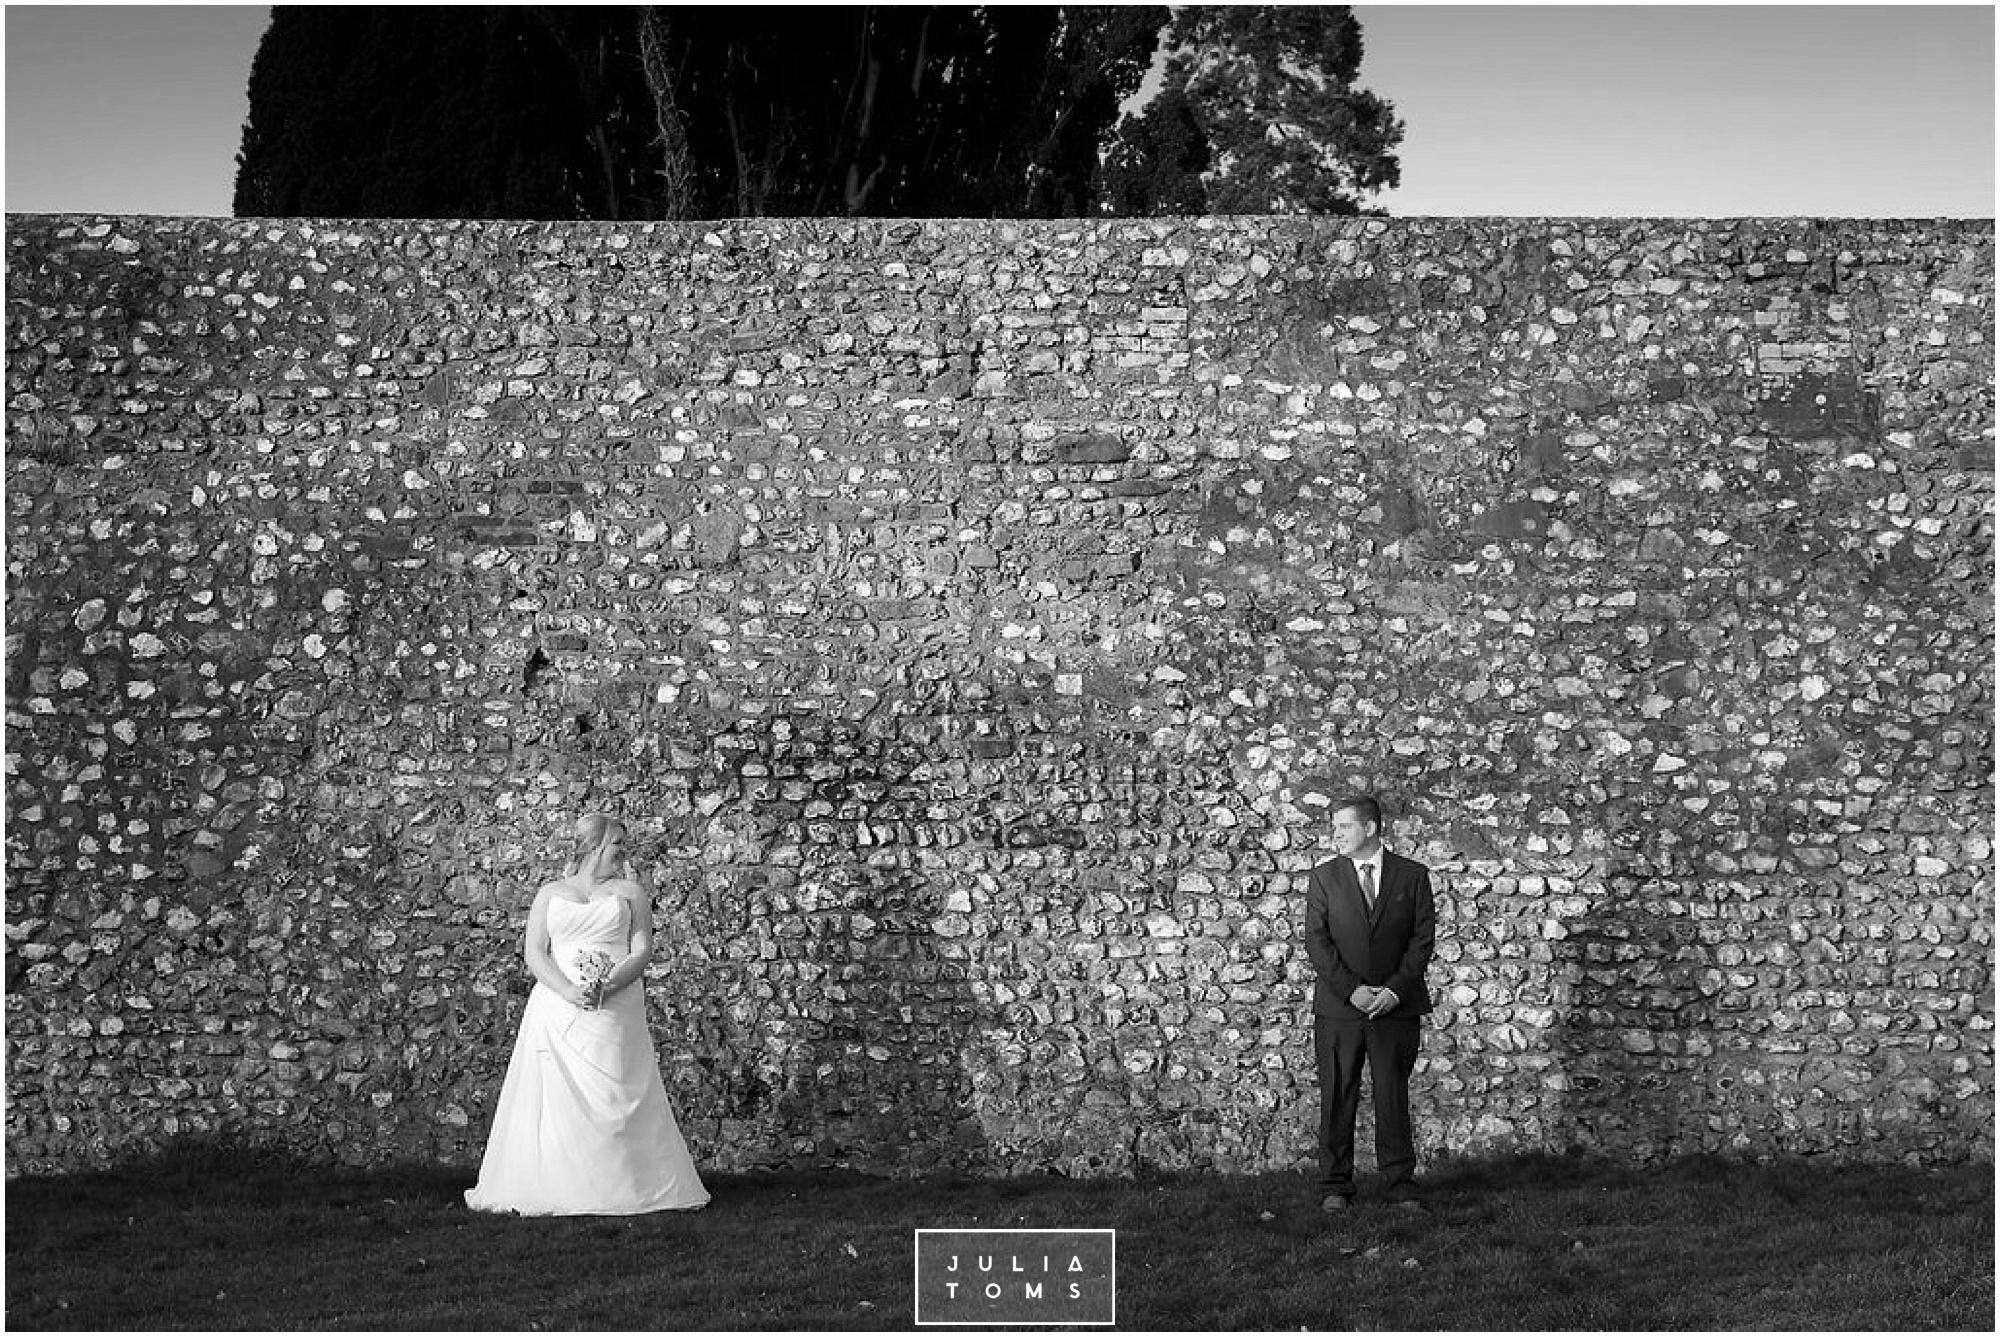 JuliaToms_chichester_wedding_photograher_edes_house_029.jpg